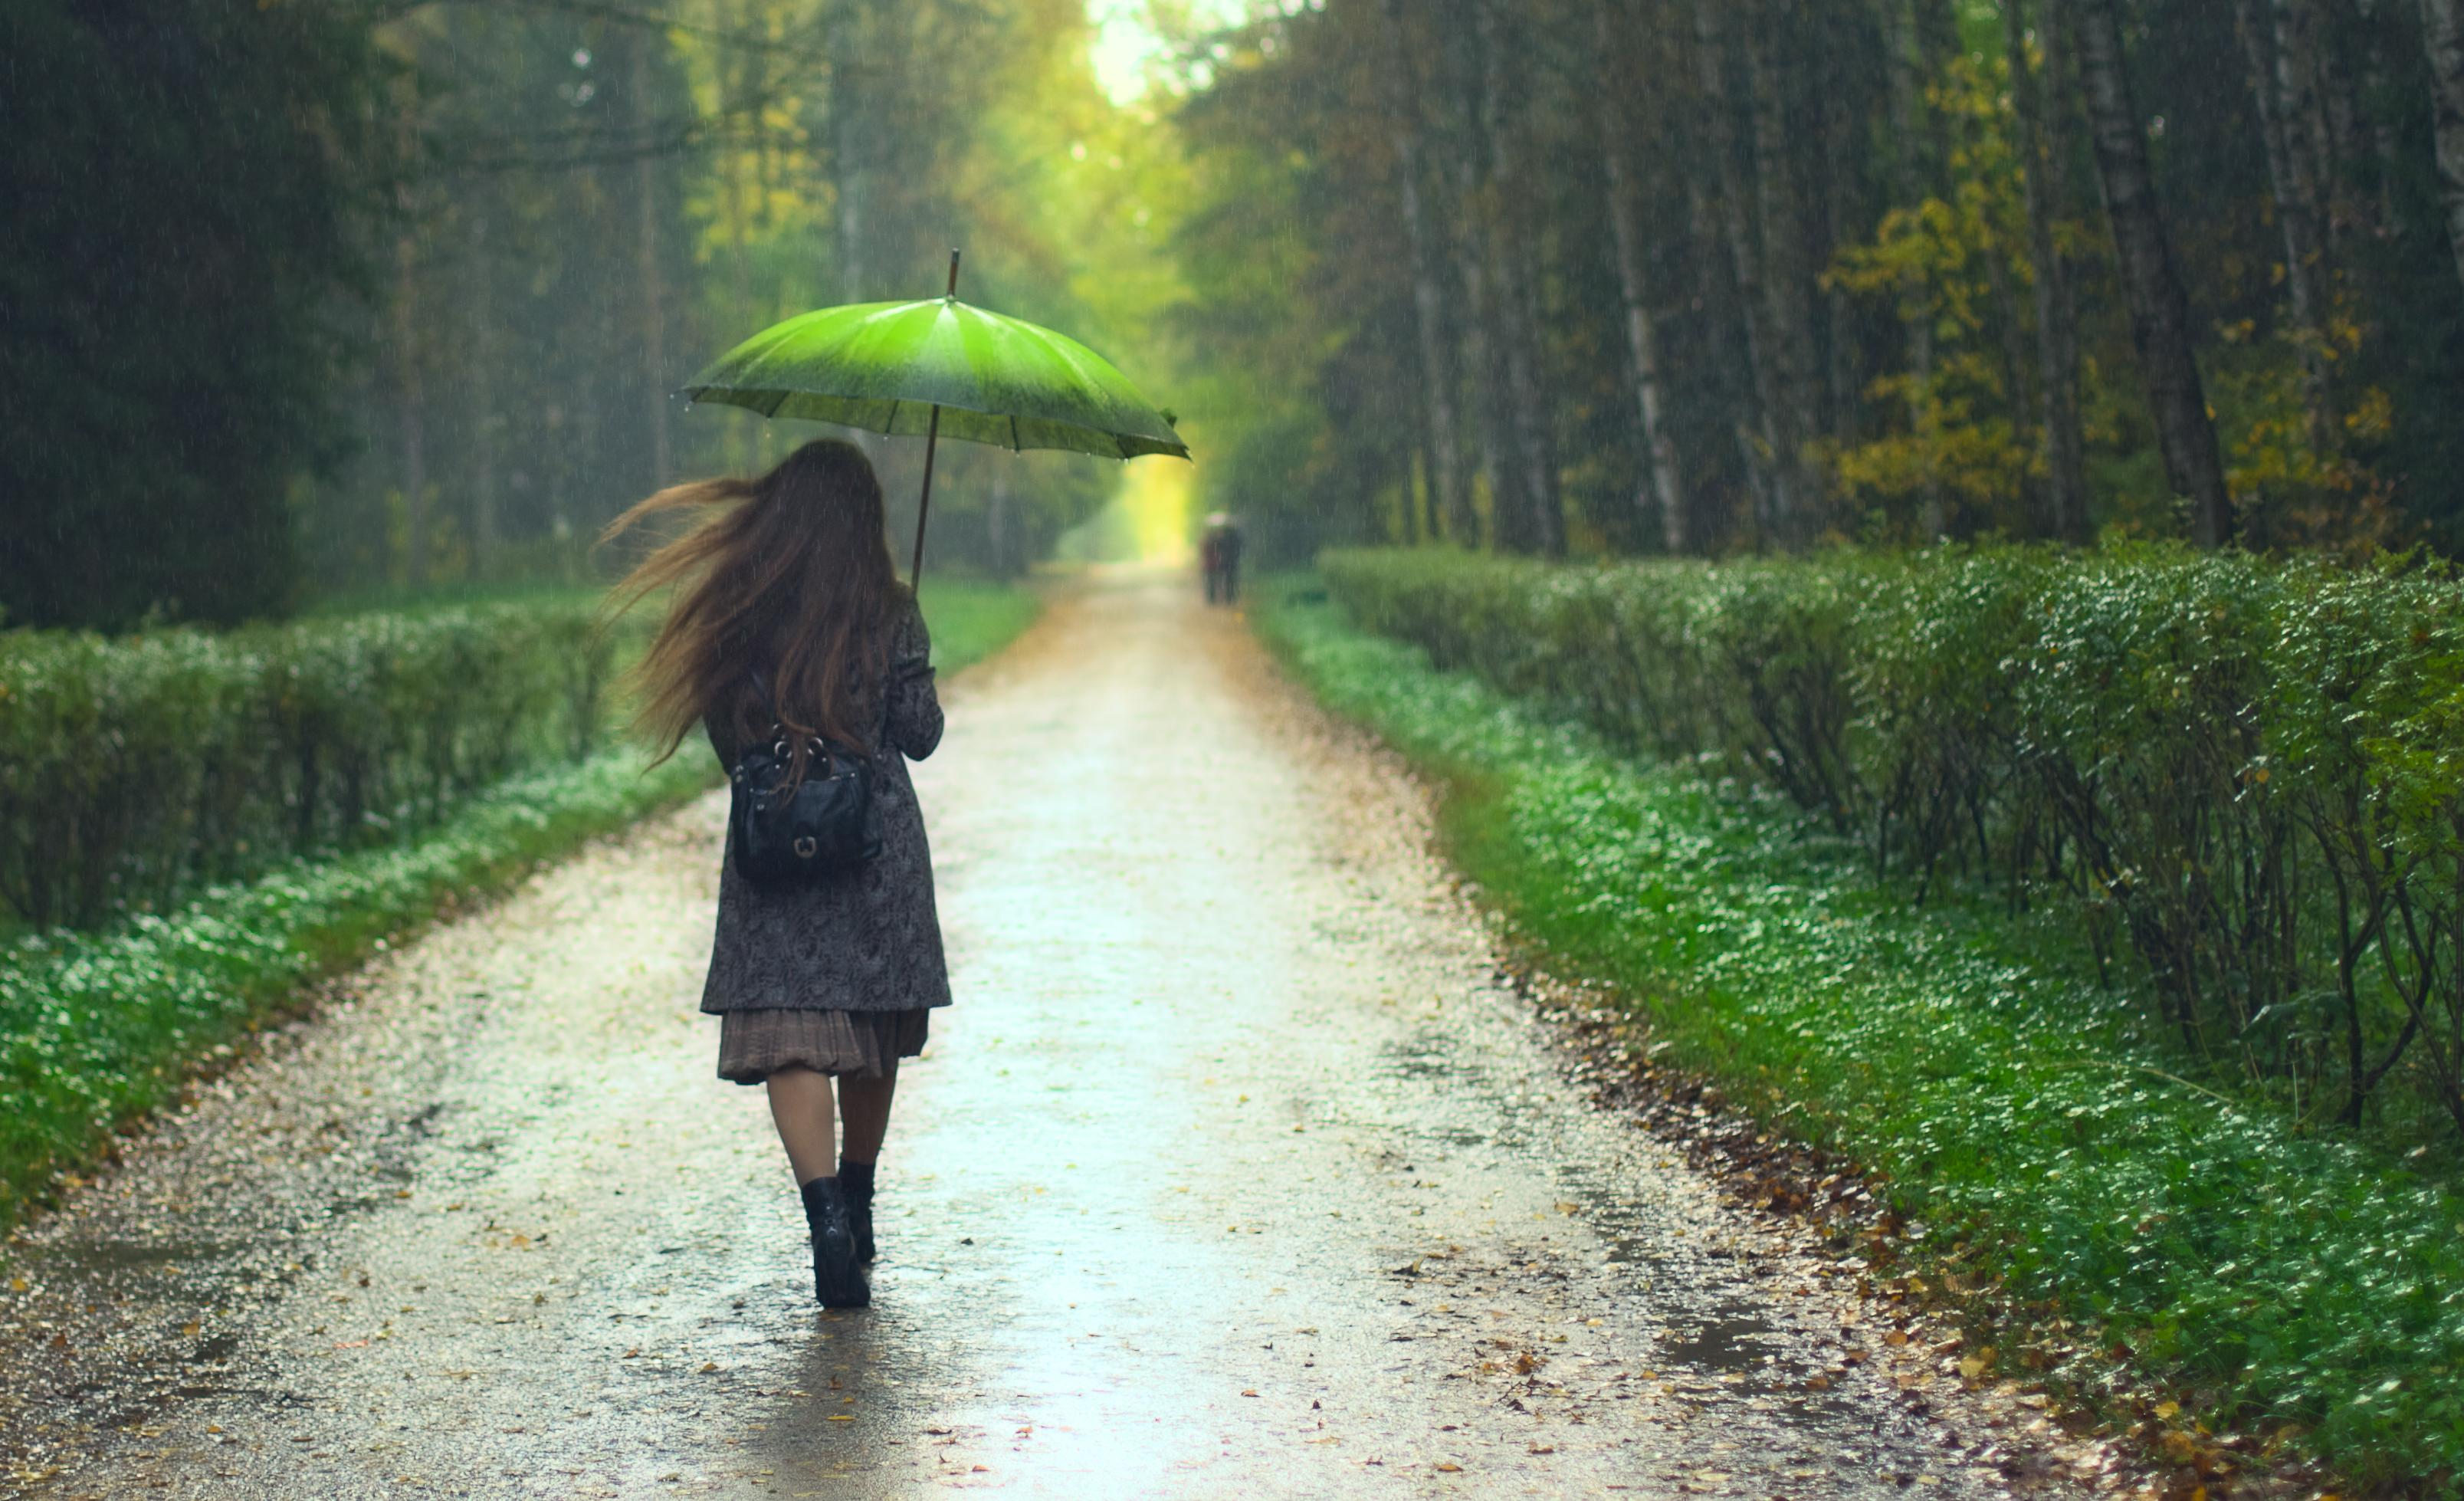 Control The Rain This Summer At MoMA